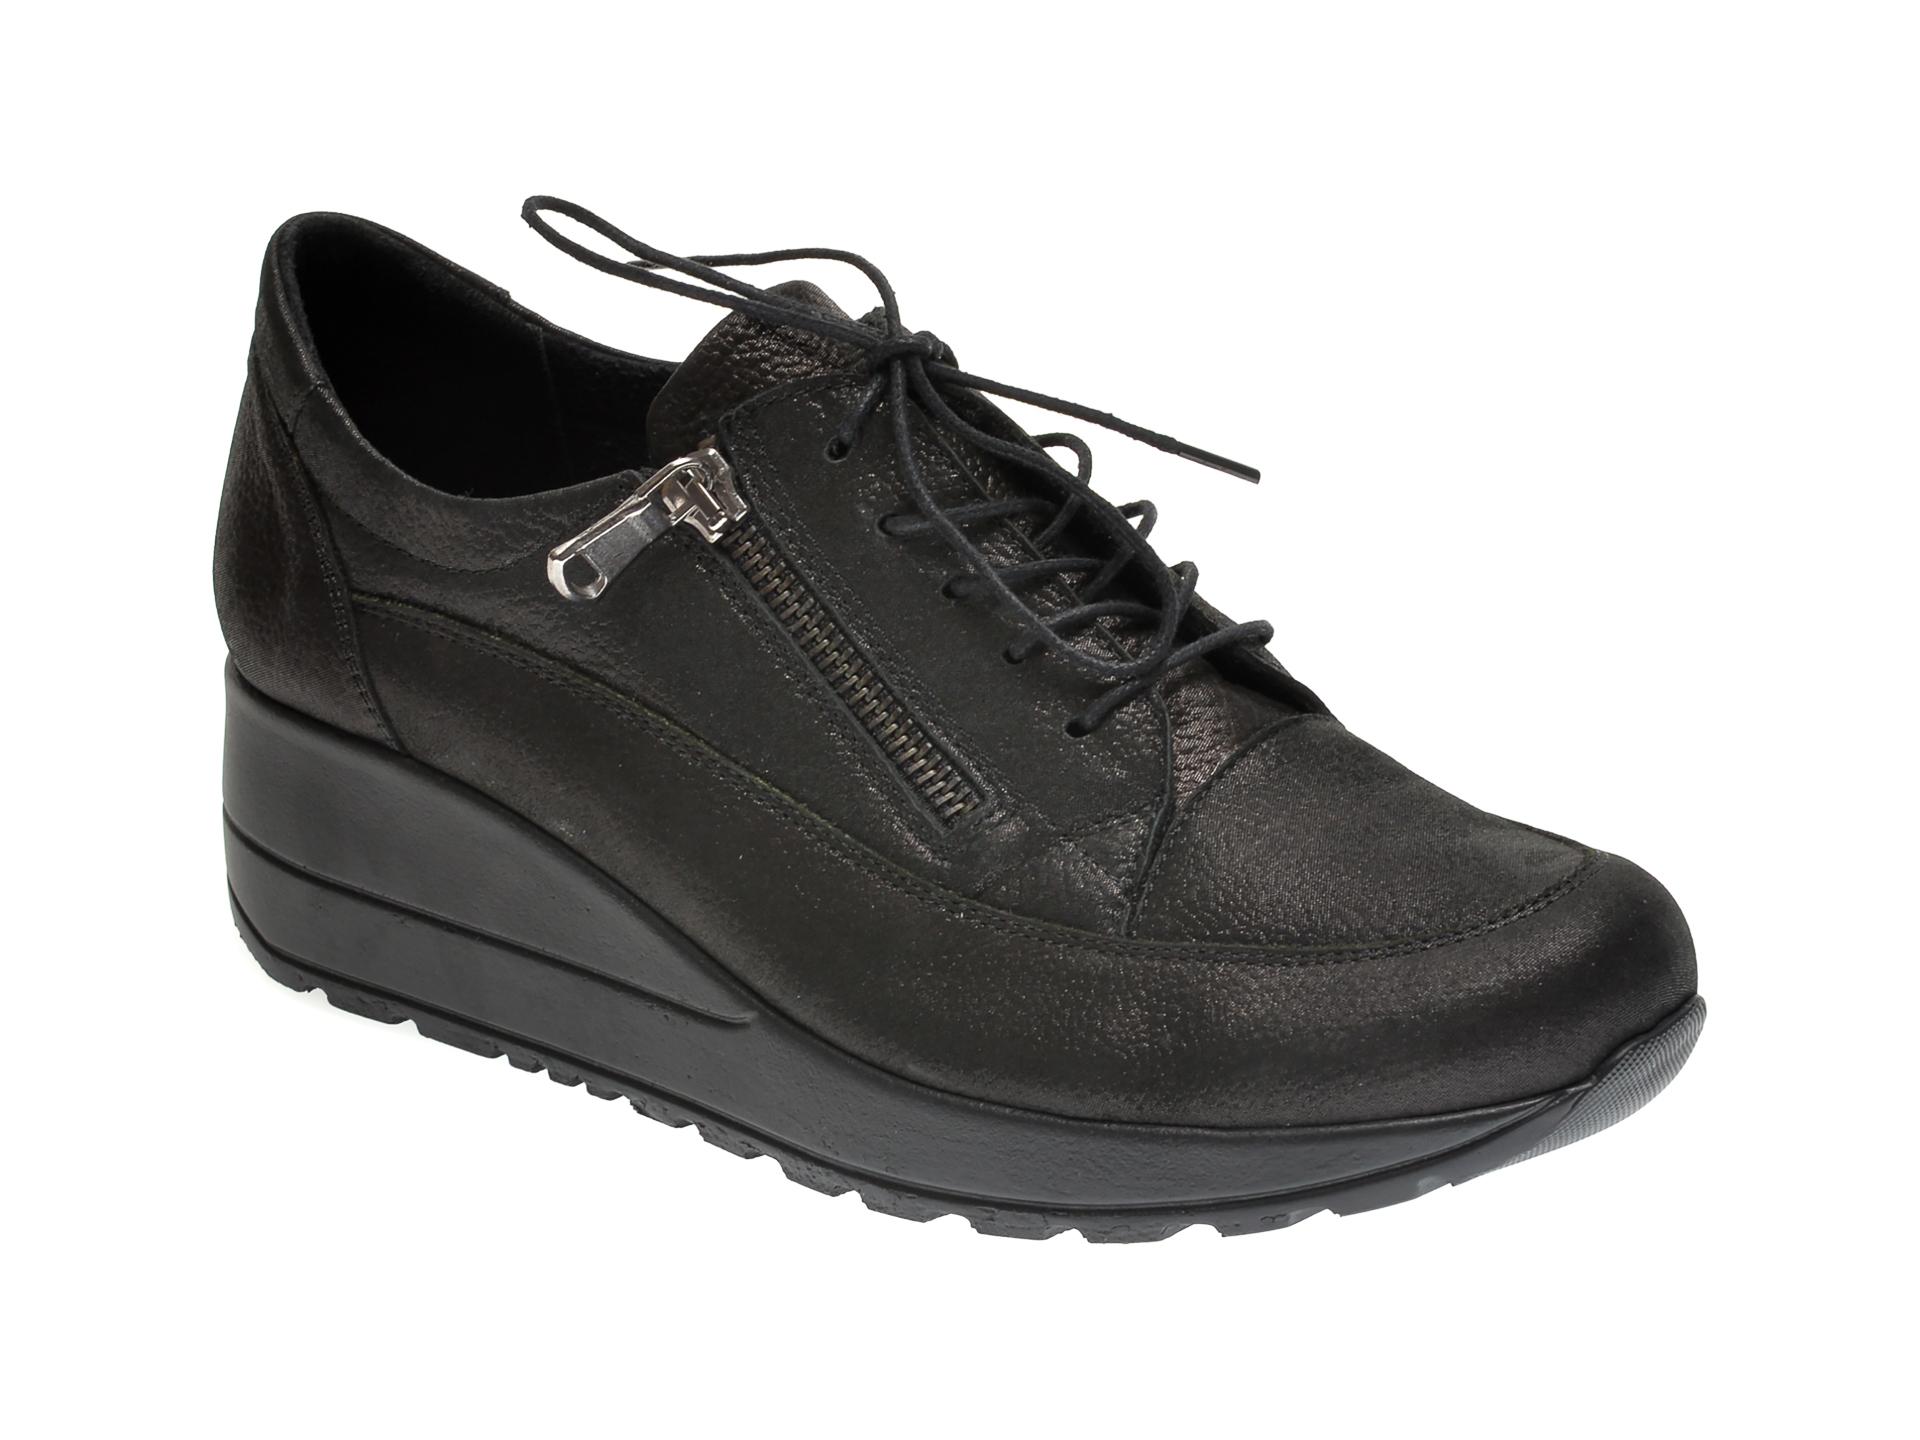 Pantofi ILOZ gri, 9217, din piele naturala imagine